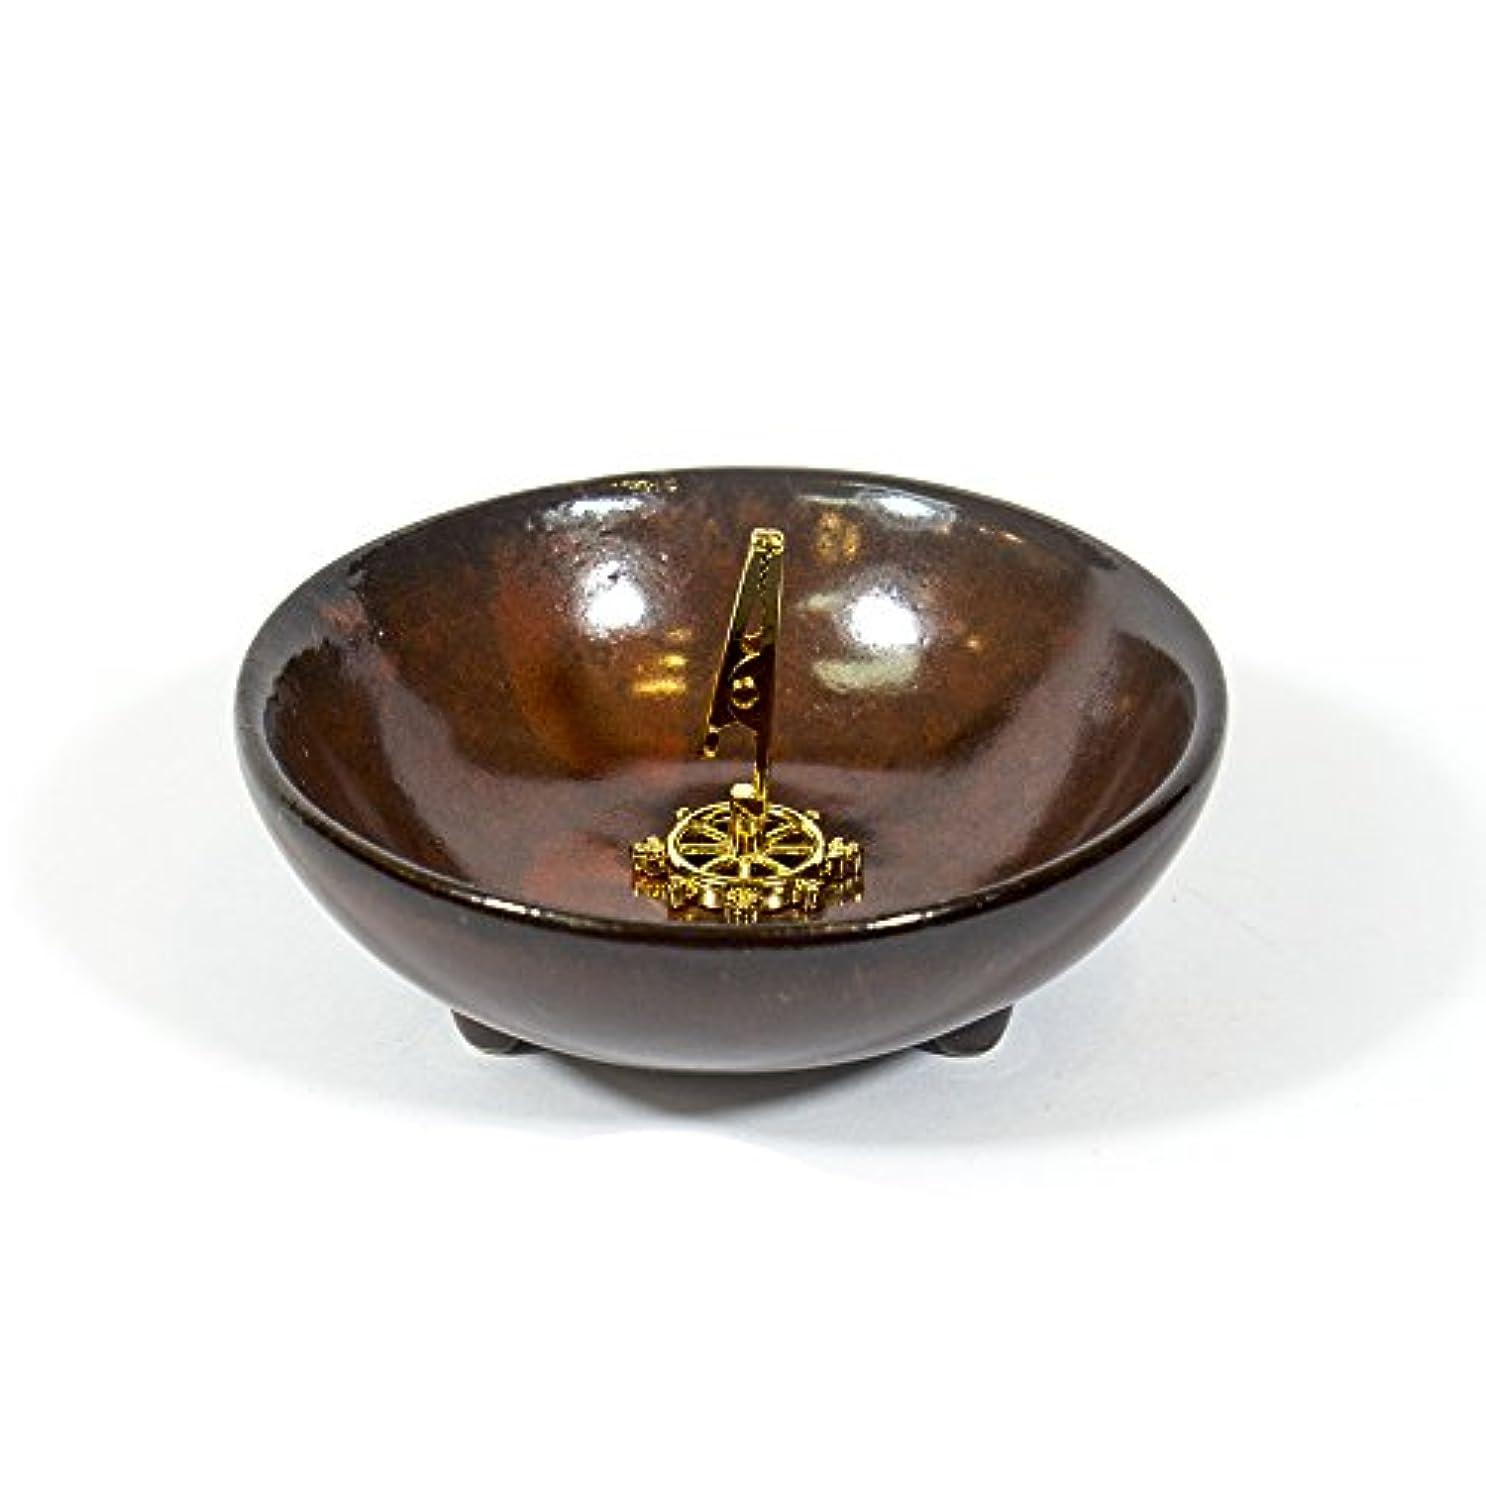 著作権鬼ごっこお別れ(DarkRed) - Incense Holder for Coils Sticks Cones Ceramic Holder Dark Red Type